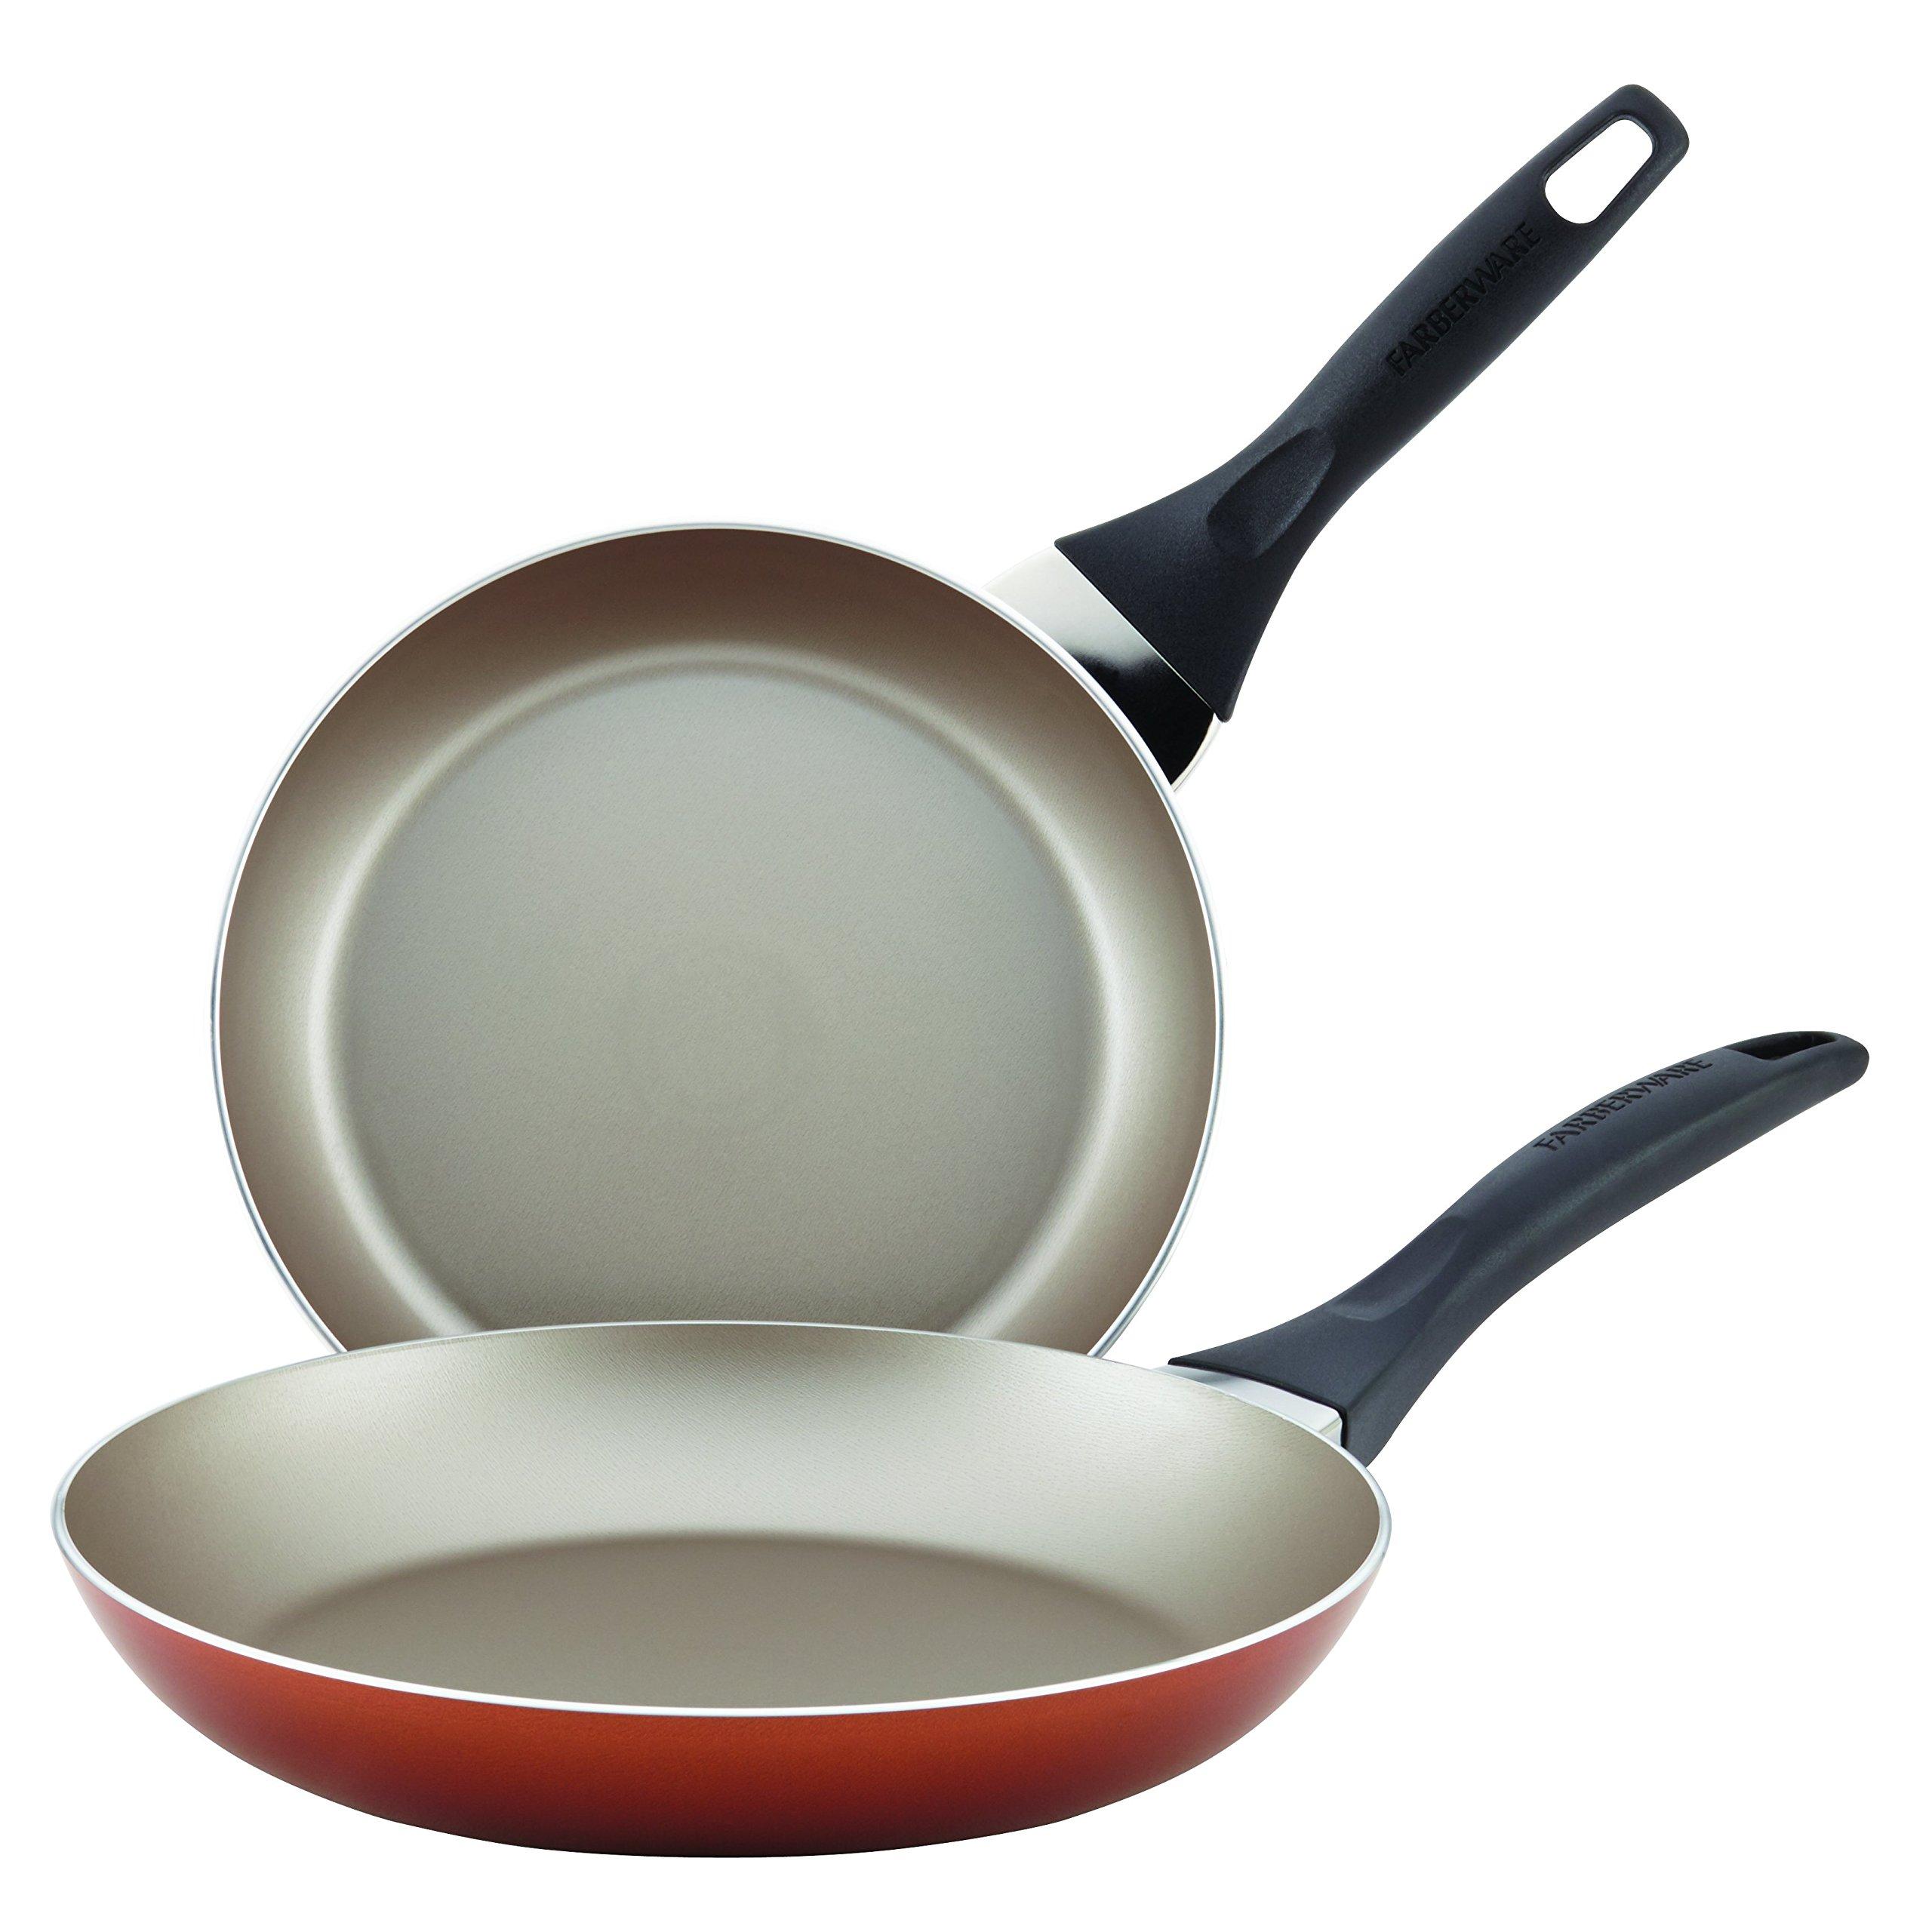 Farberware Dishwasher Safe Nonstick Twin Pack Skillet Set, 8''/10'', Copper